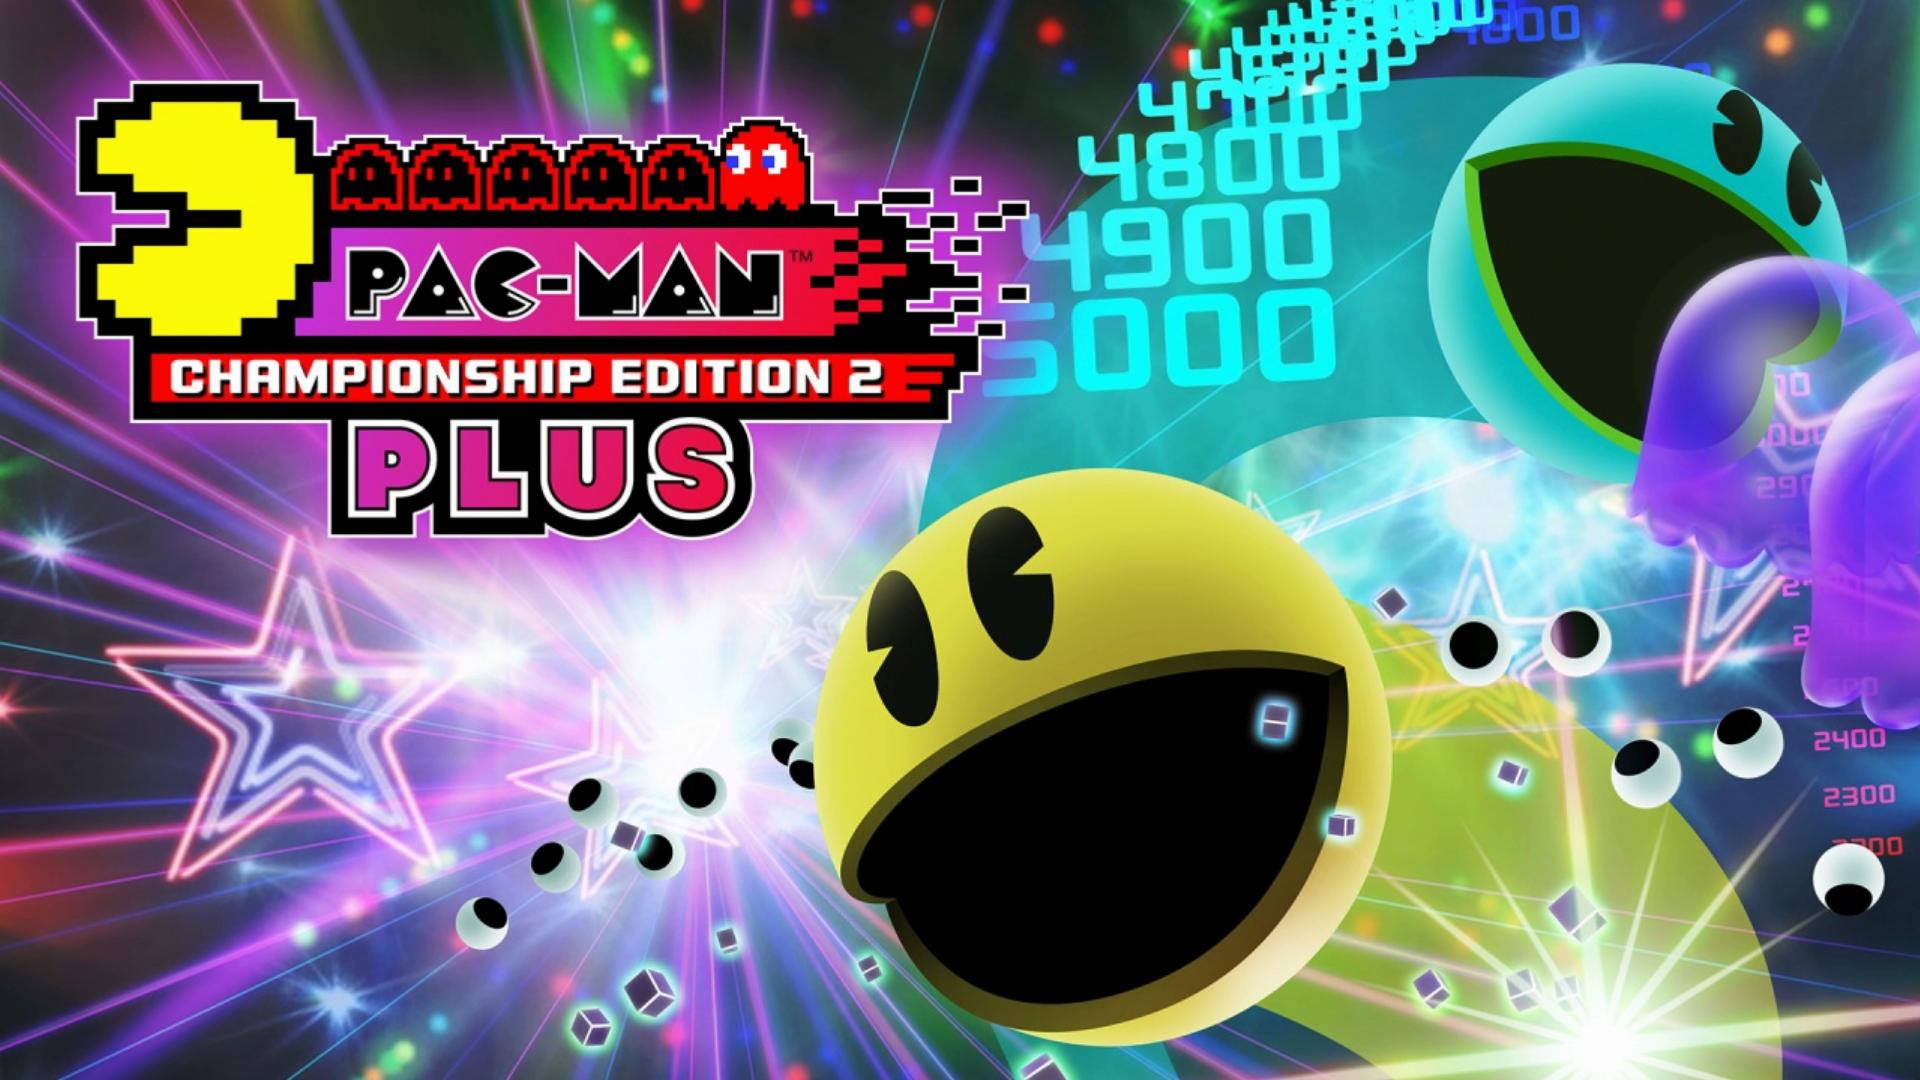 Обзор Pac-Man Championship Edition 2 Plus — бегущий в неоновом лабиринте